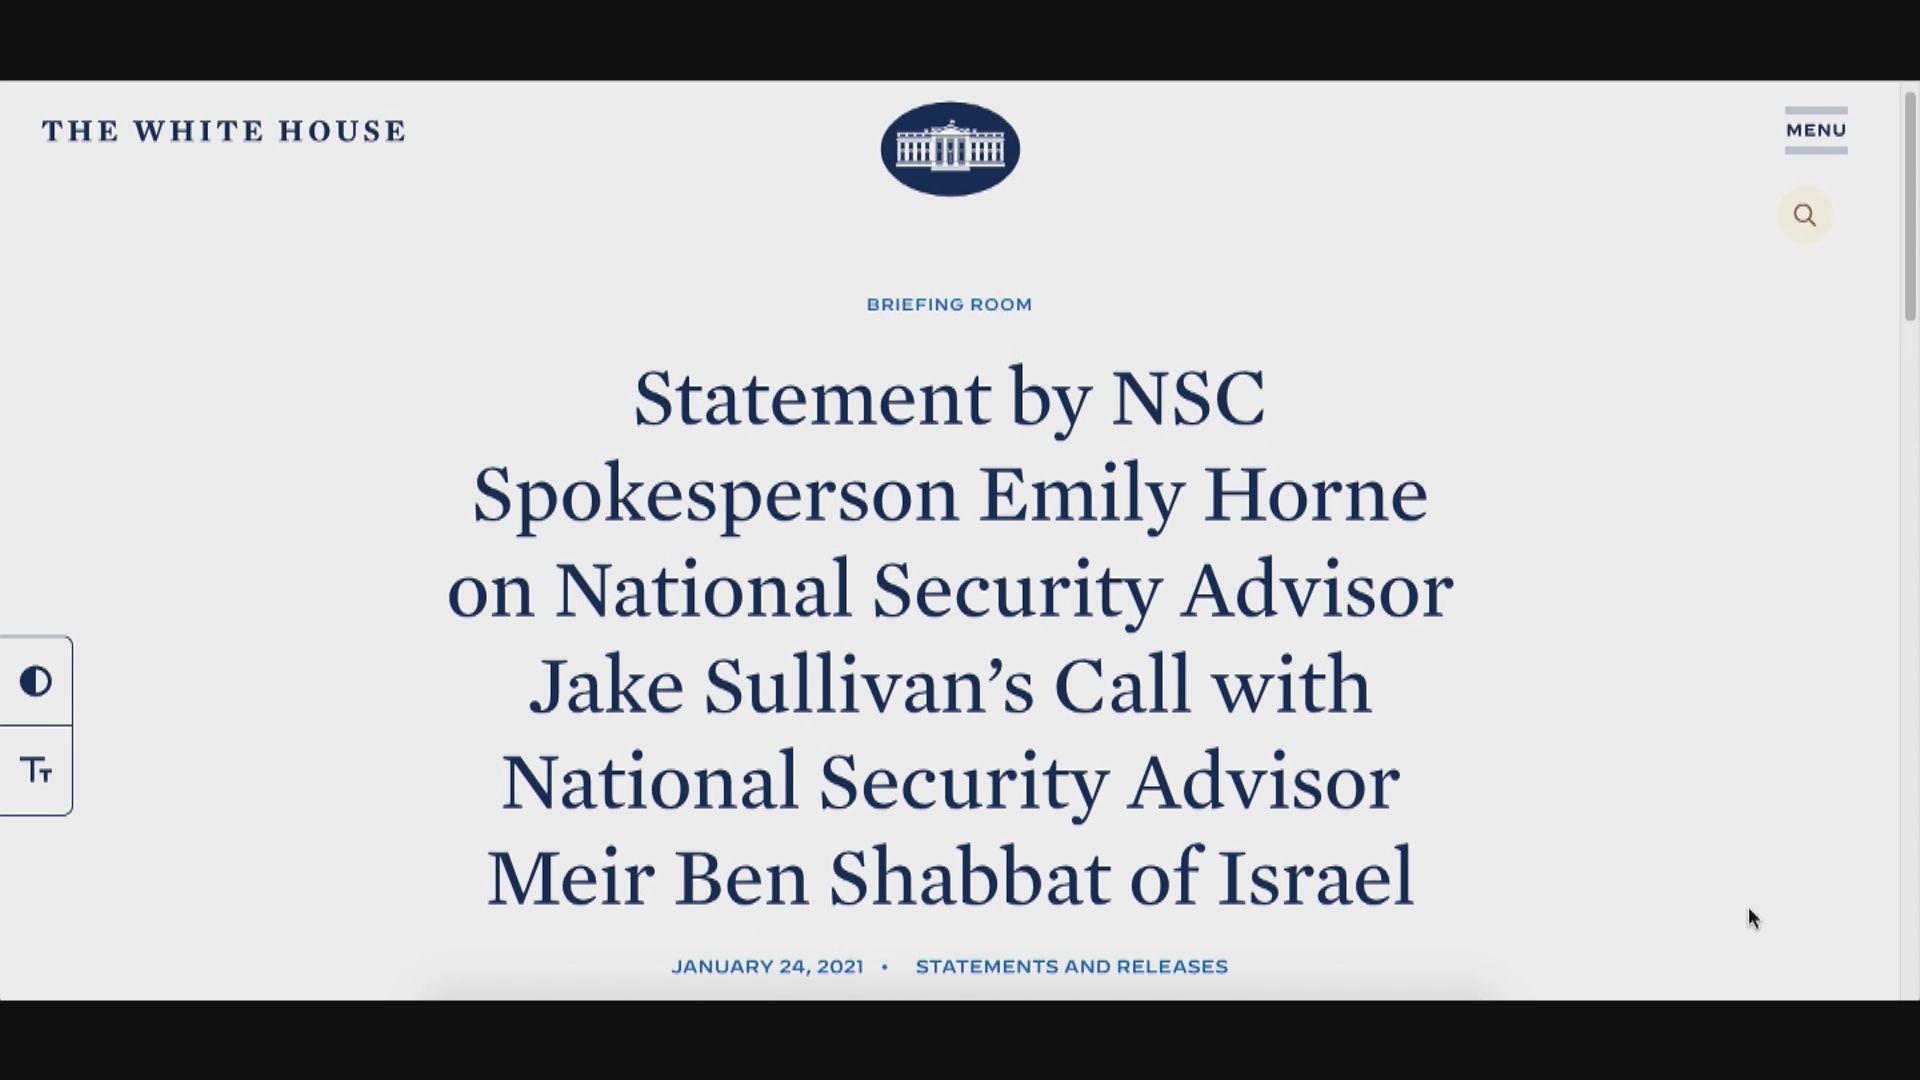 美國與以色列國安顧問討論加強關係